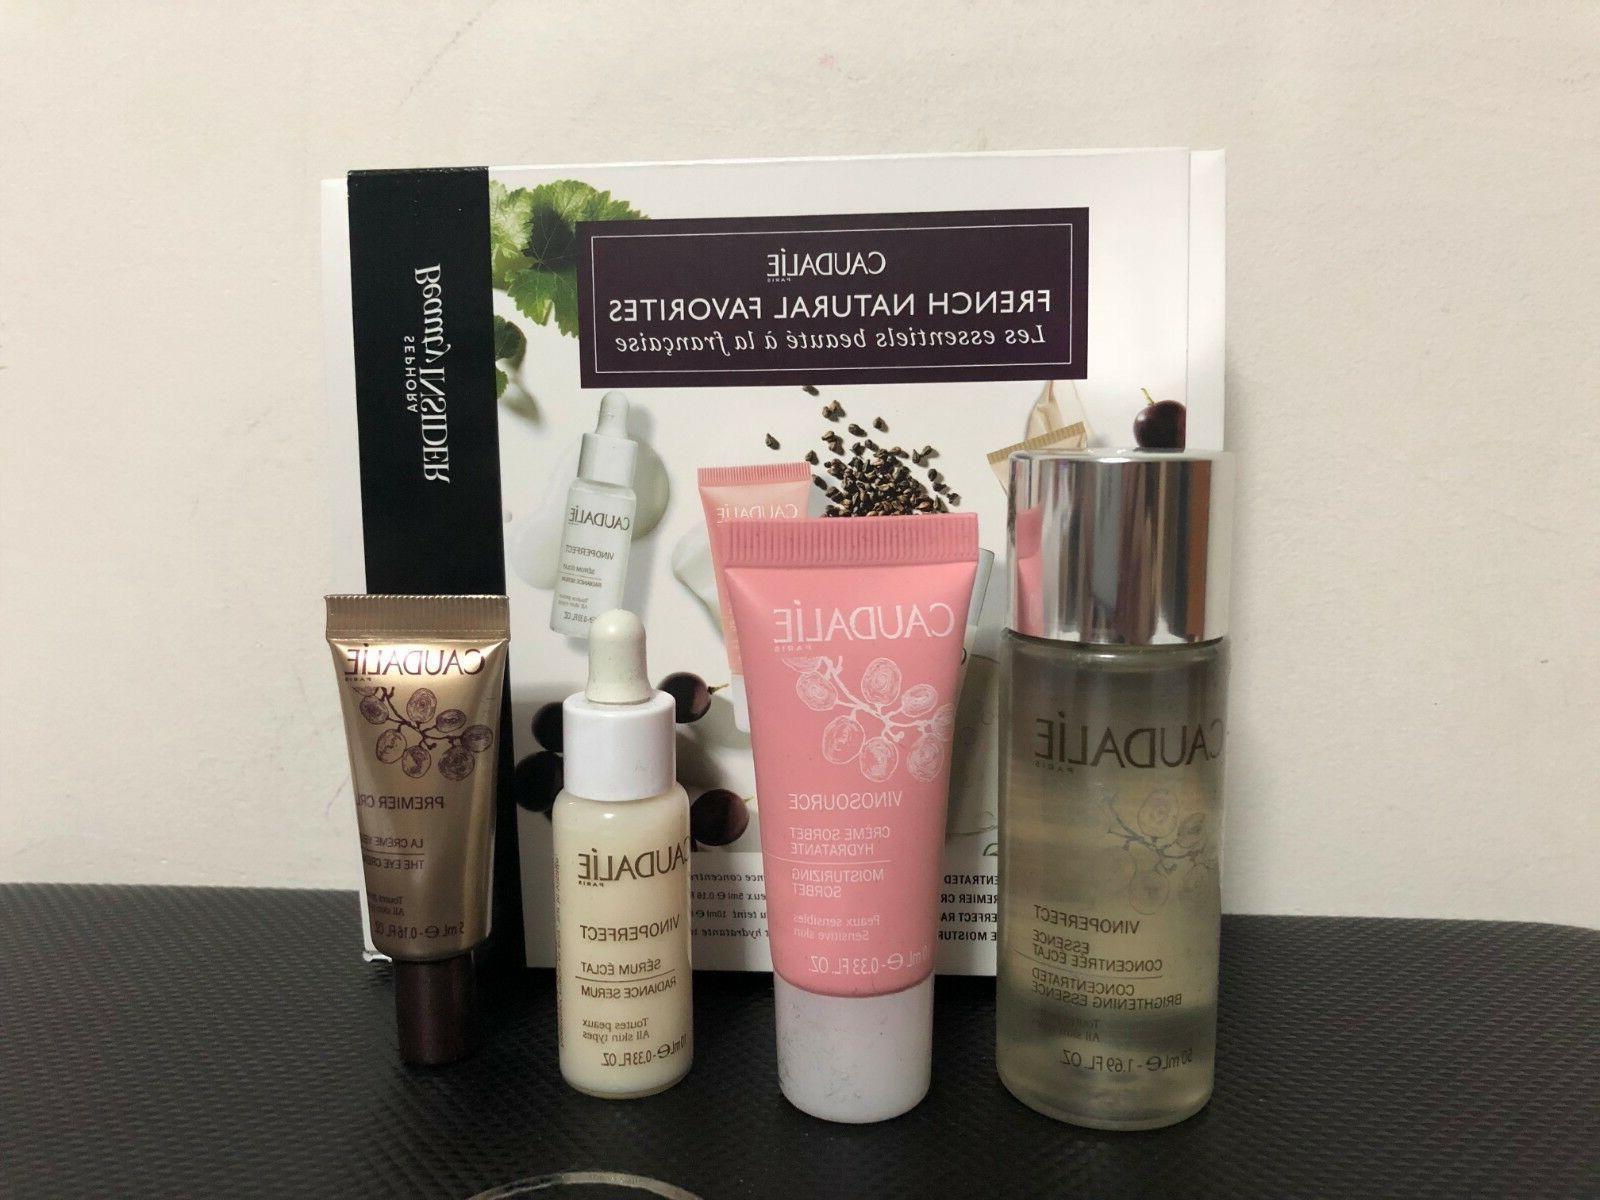 Clinique Bonus 6 PCS Skincare Makeup Deluxe Size Samples Gif